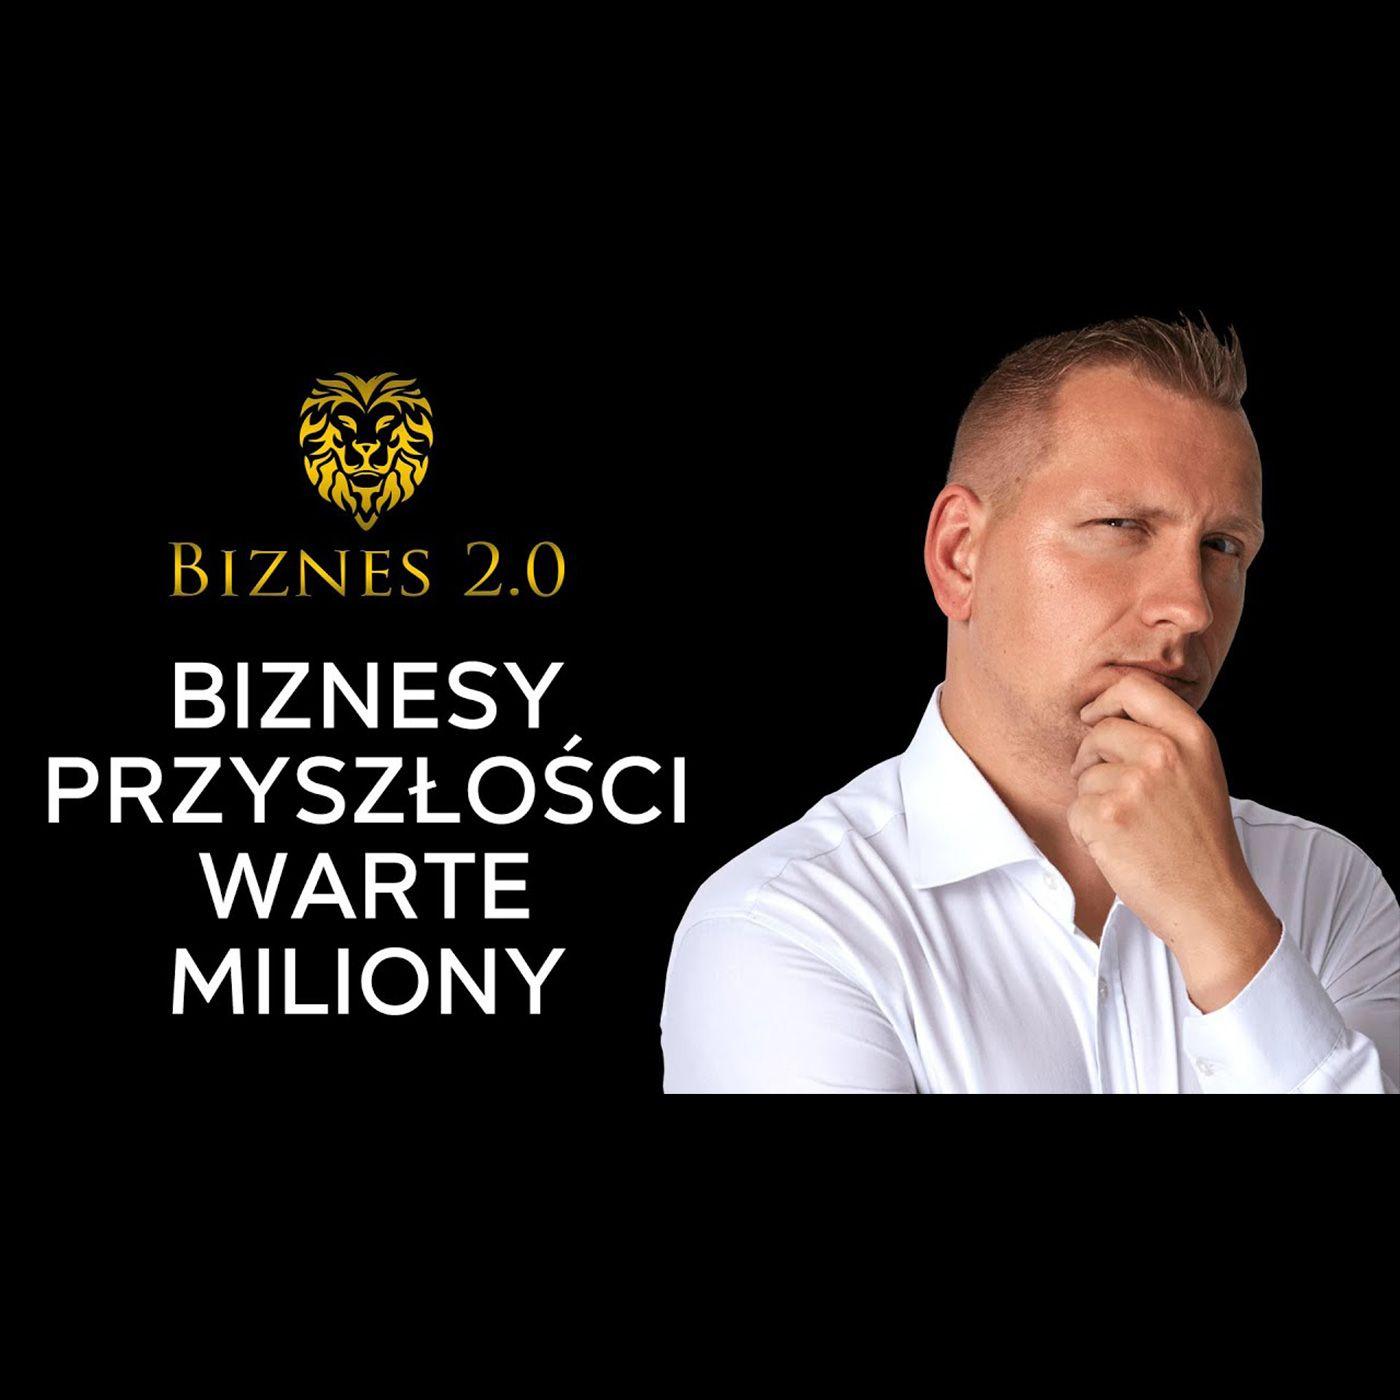 14 (prawie) pewnych pomysłów na biznes w 2021 [Biznes 2.0]